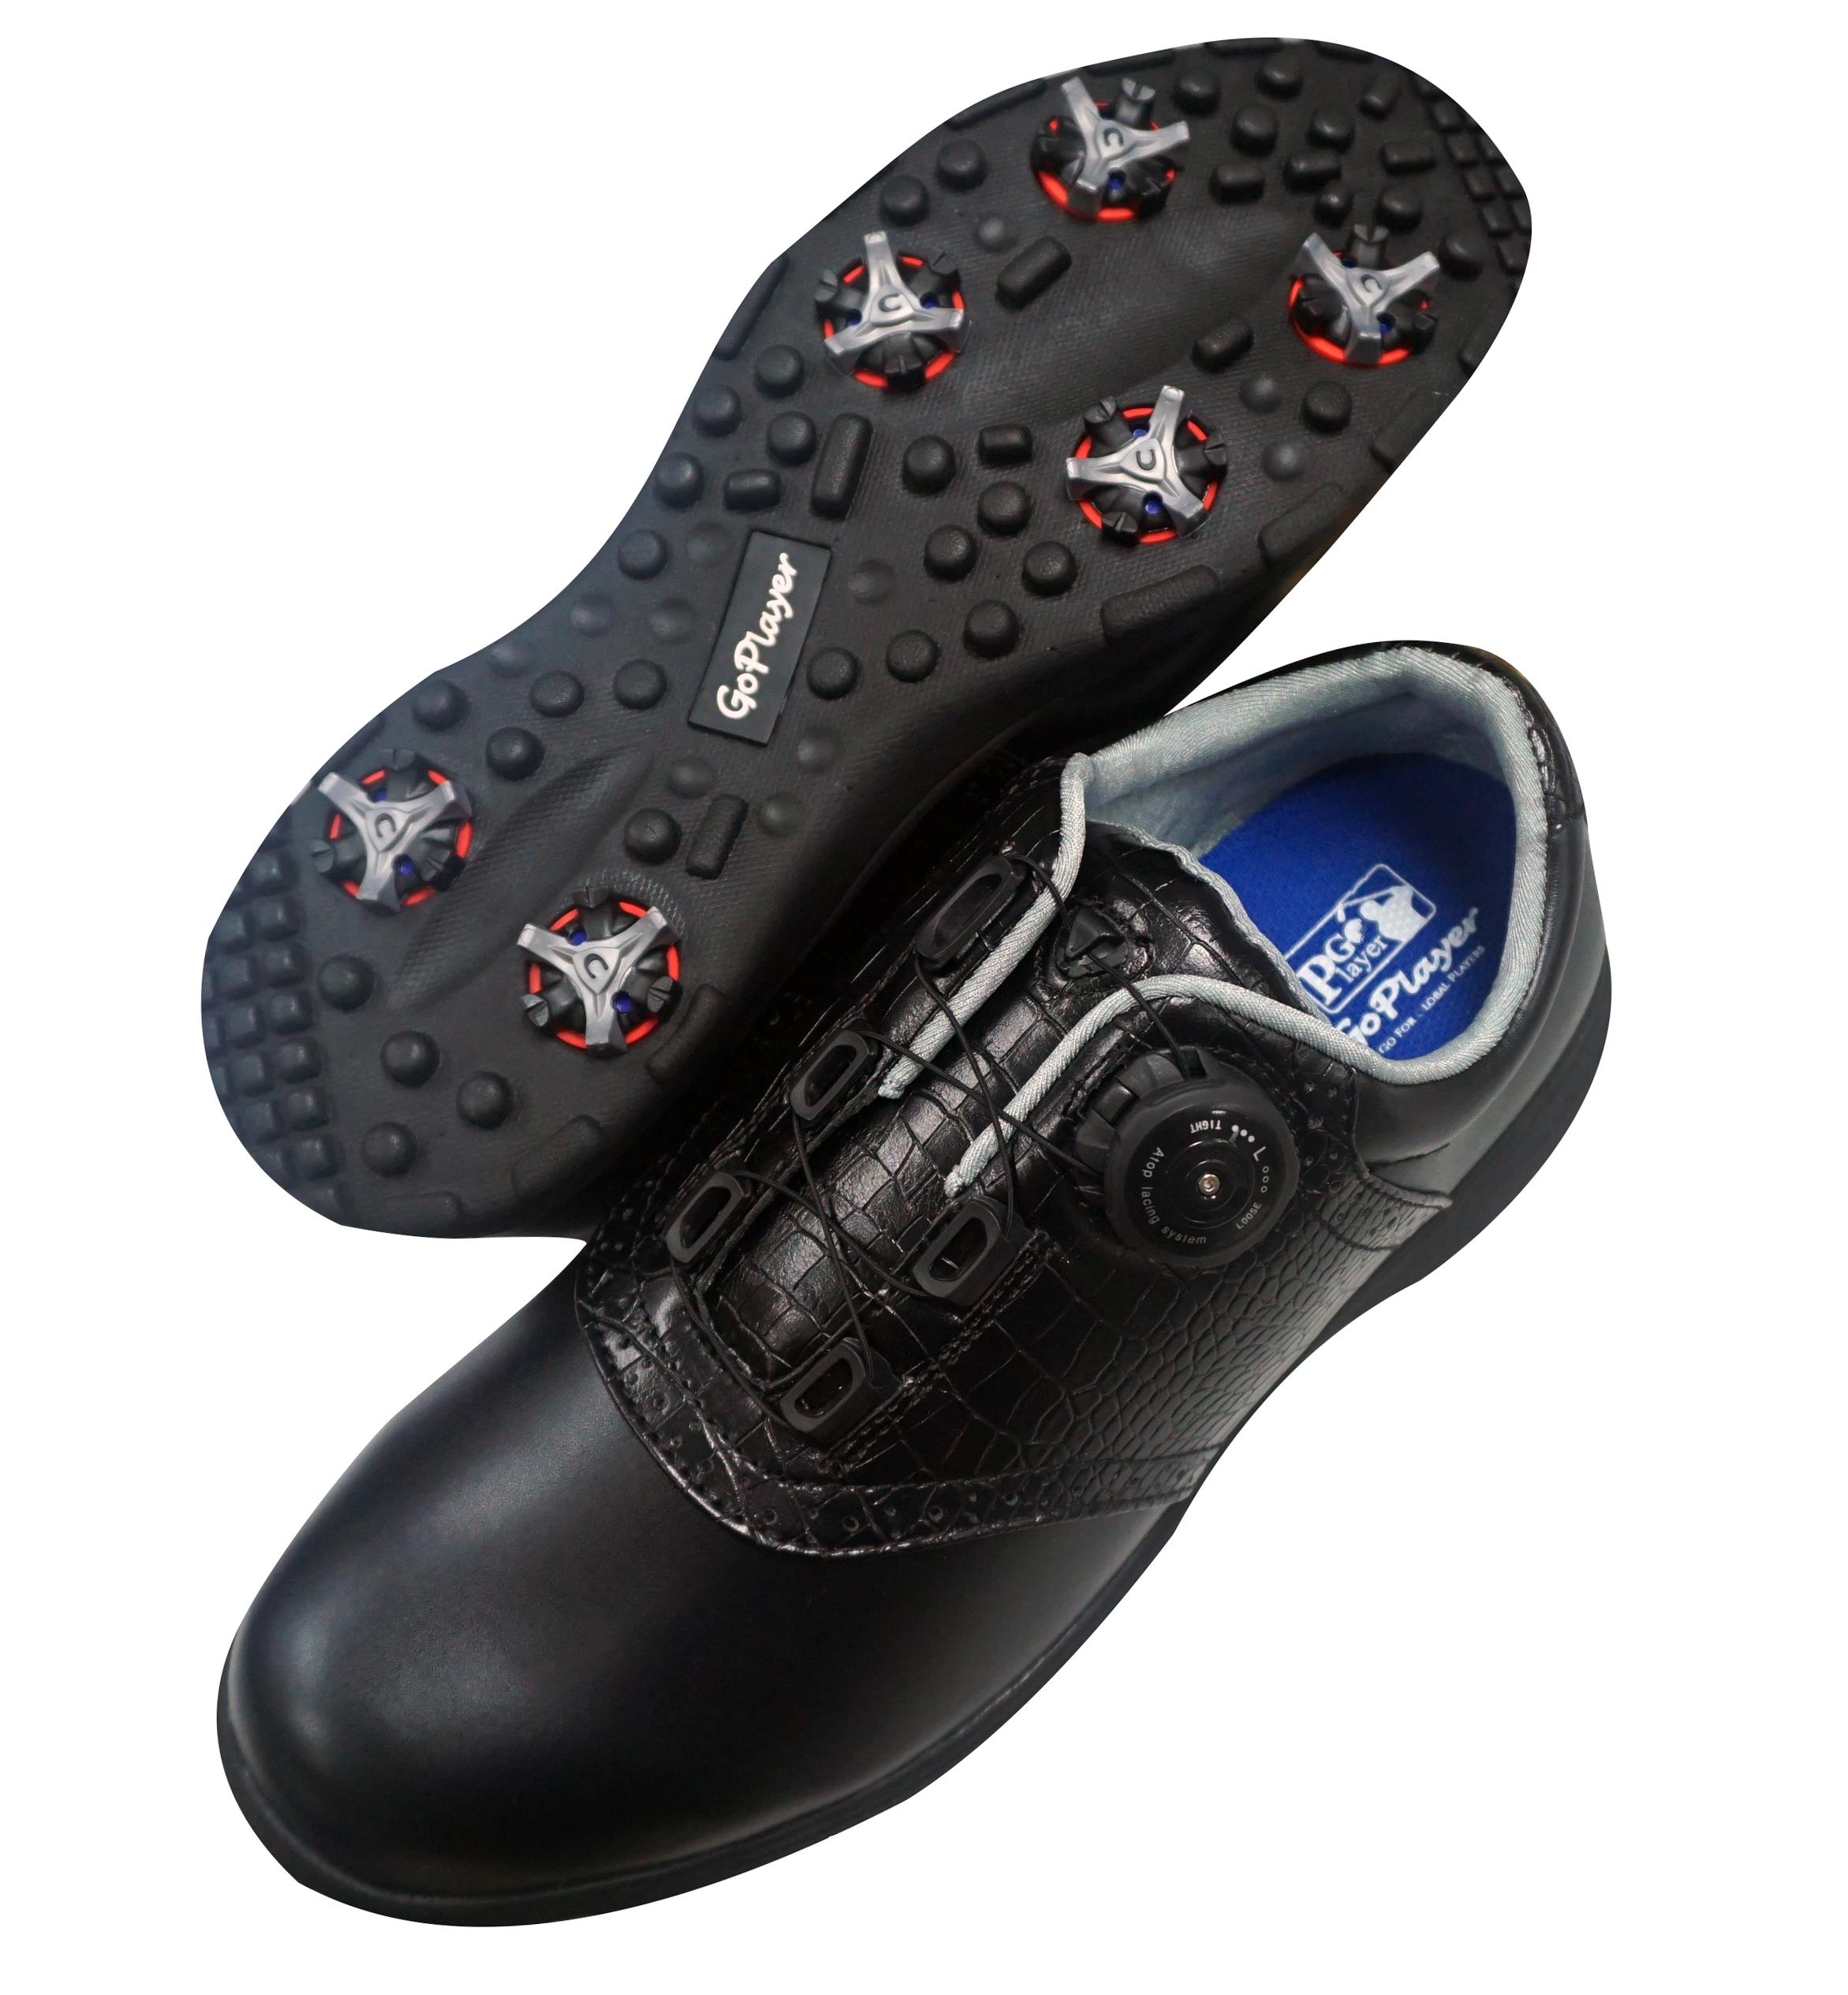 GP輕量有釘旋紐鞋(黑)GSH1021